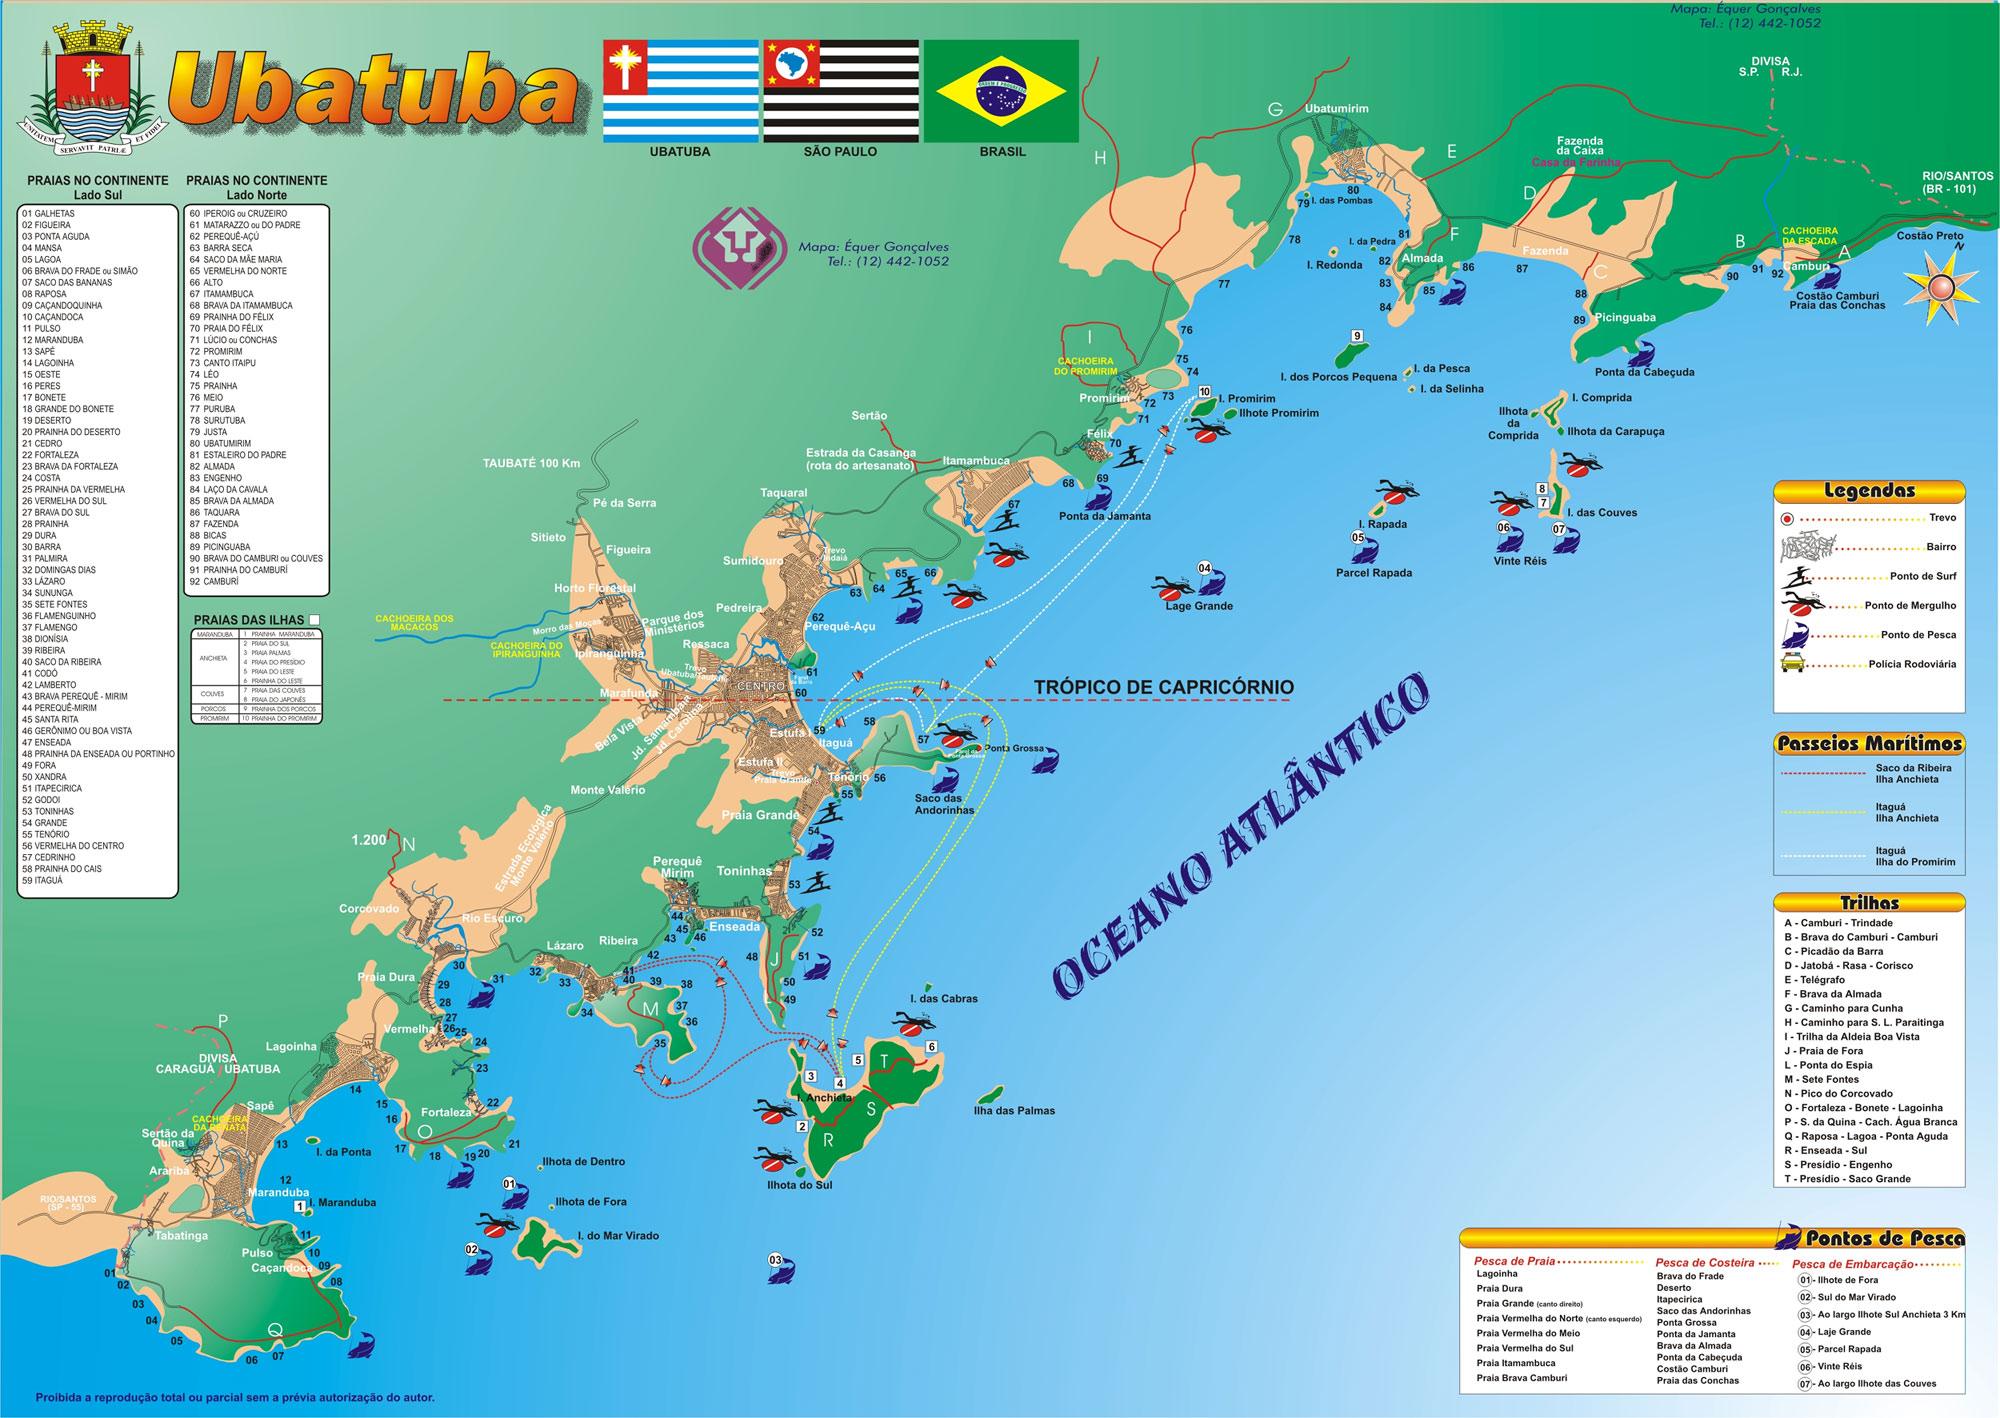 o que fazer em ubatuba, surf em ubatuba, praias de ubatuba, hoteis em ubatuba, mapa de ubatuba